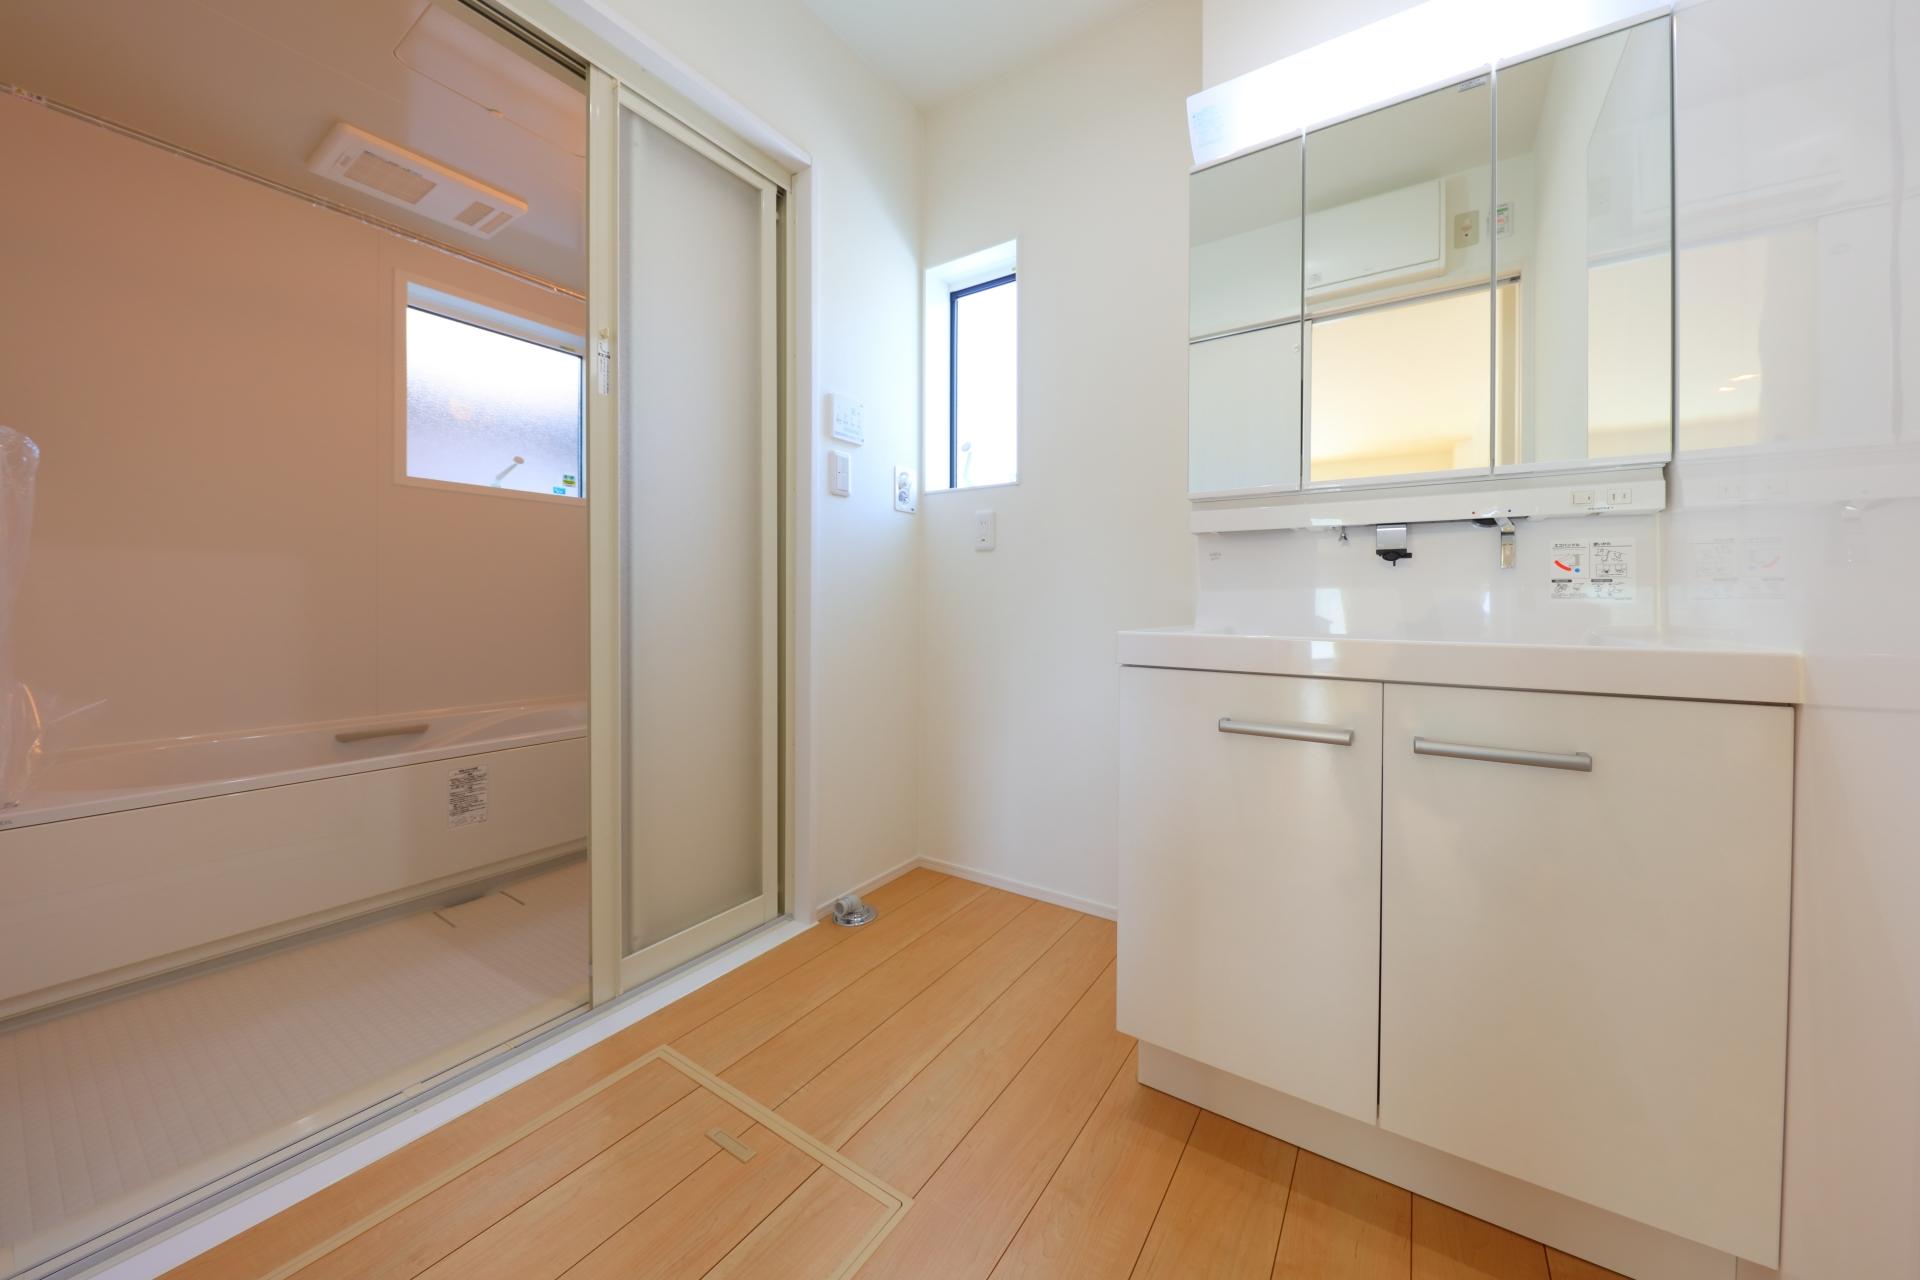 浴室を換気する場合はドア開閉がポイントになる